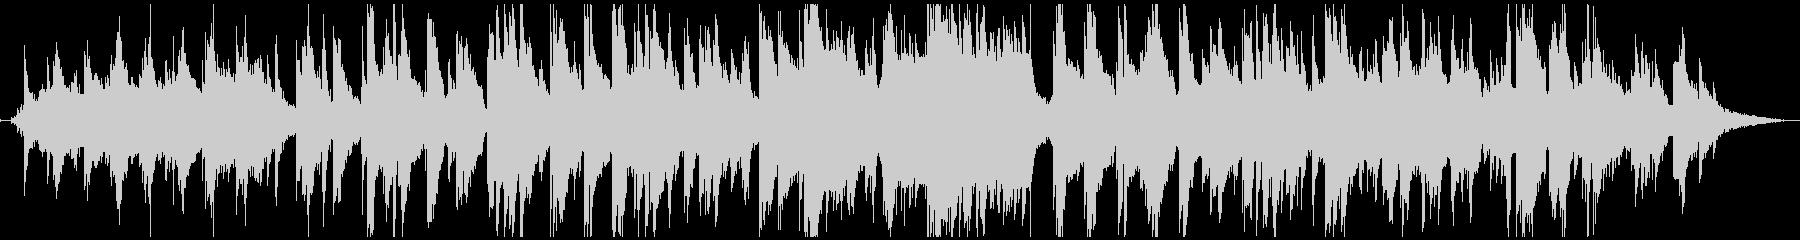 伝統的 ジャズ ビバップ 壮大 バ...の未再生の波形